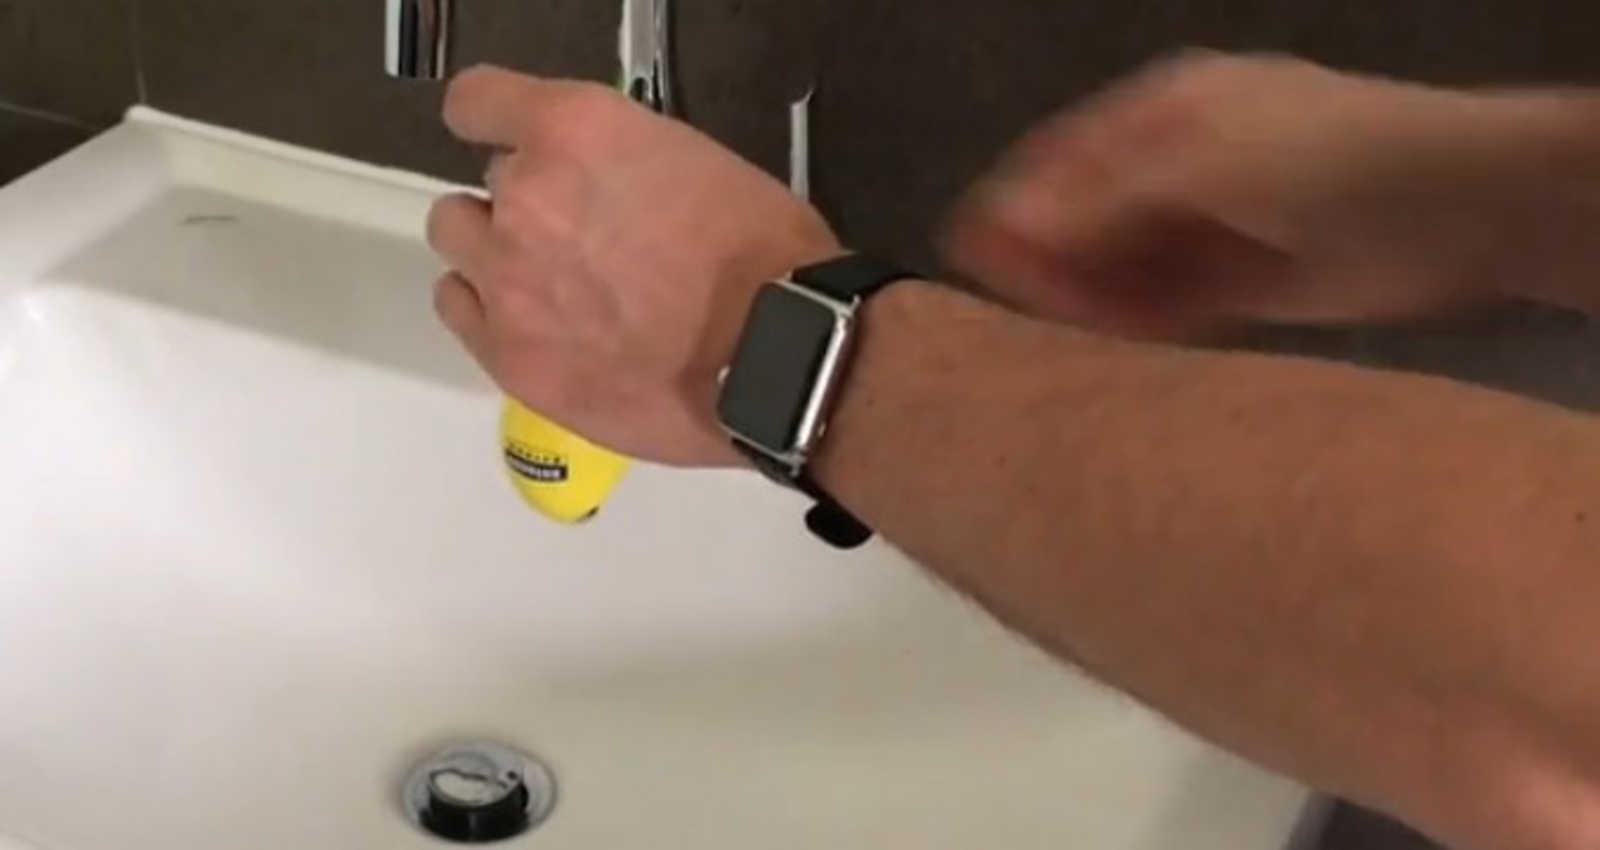 wasserhahn entkalken video antenne bayern lifehack wasserhahn entkalken. Black Bedroom Furniture Sets. Home Design Ideas